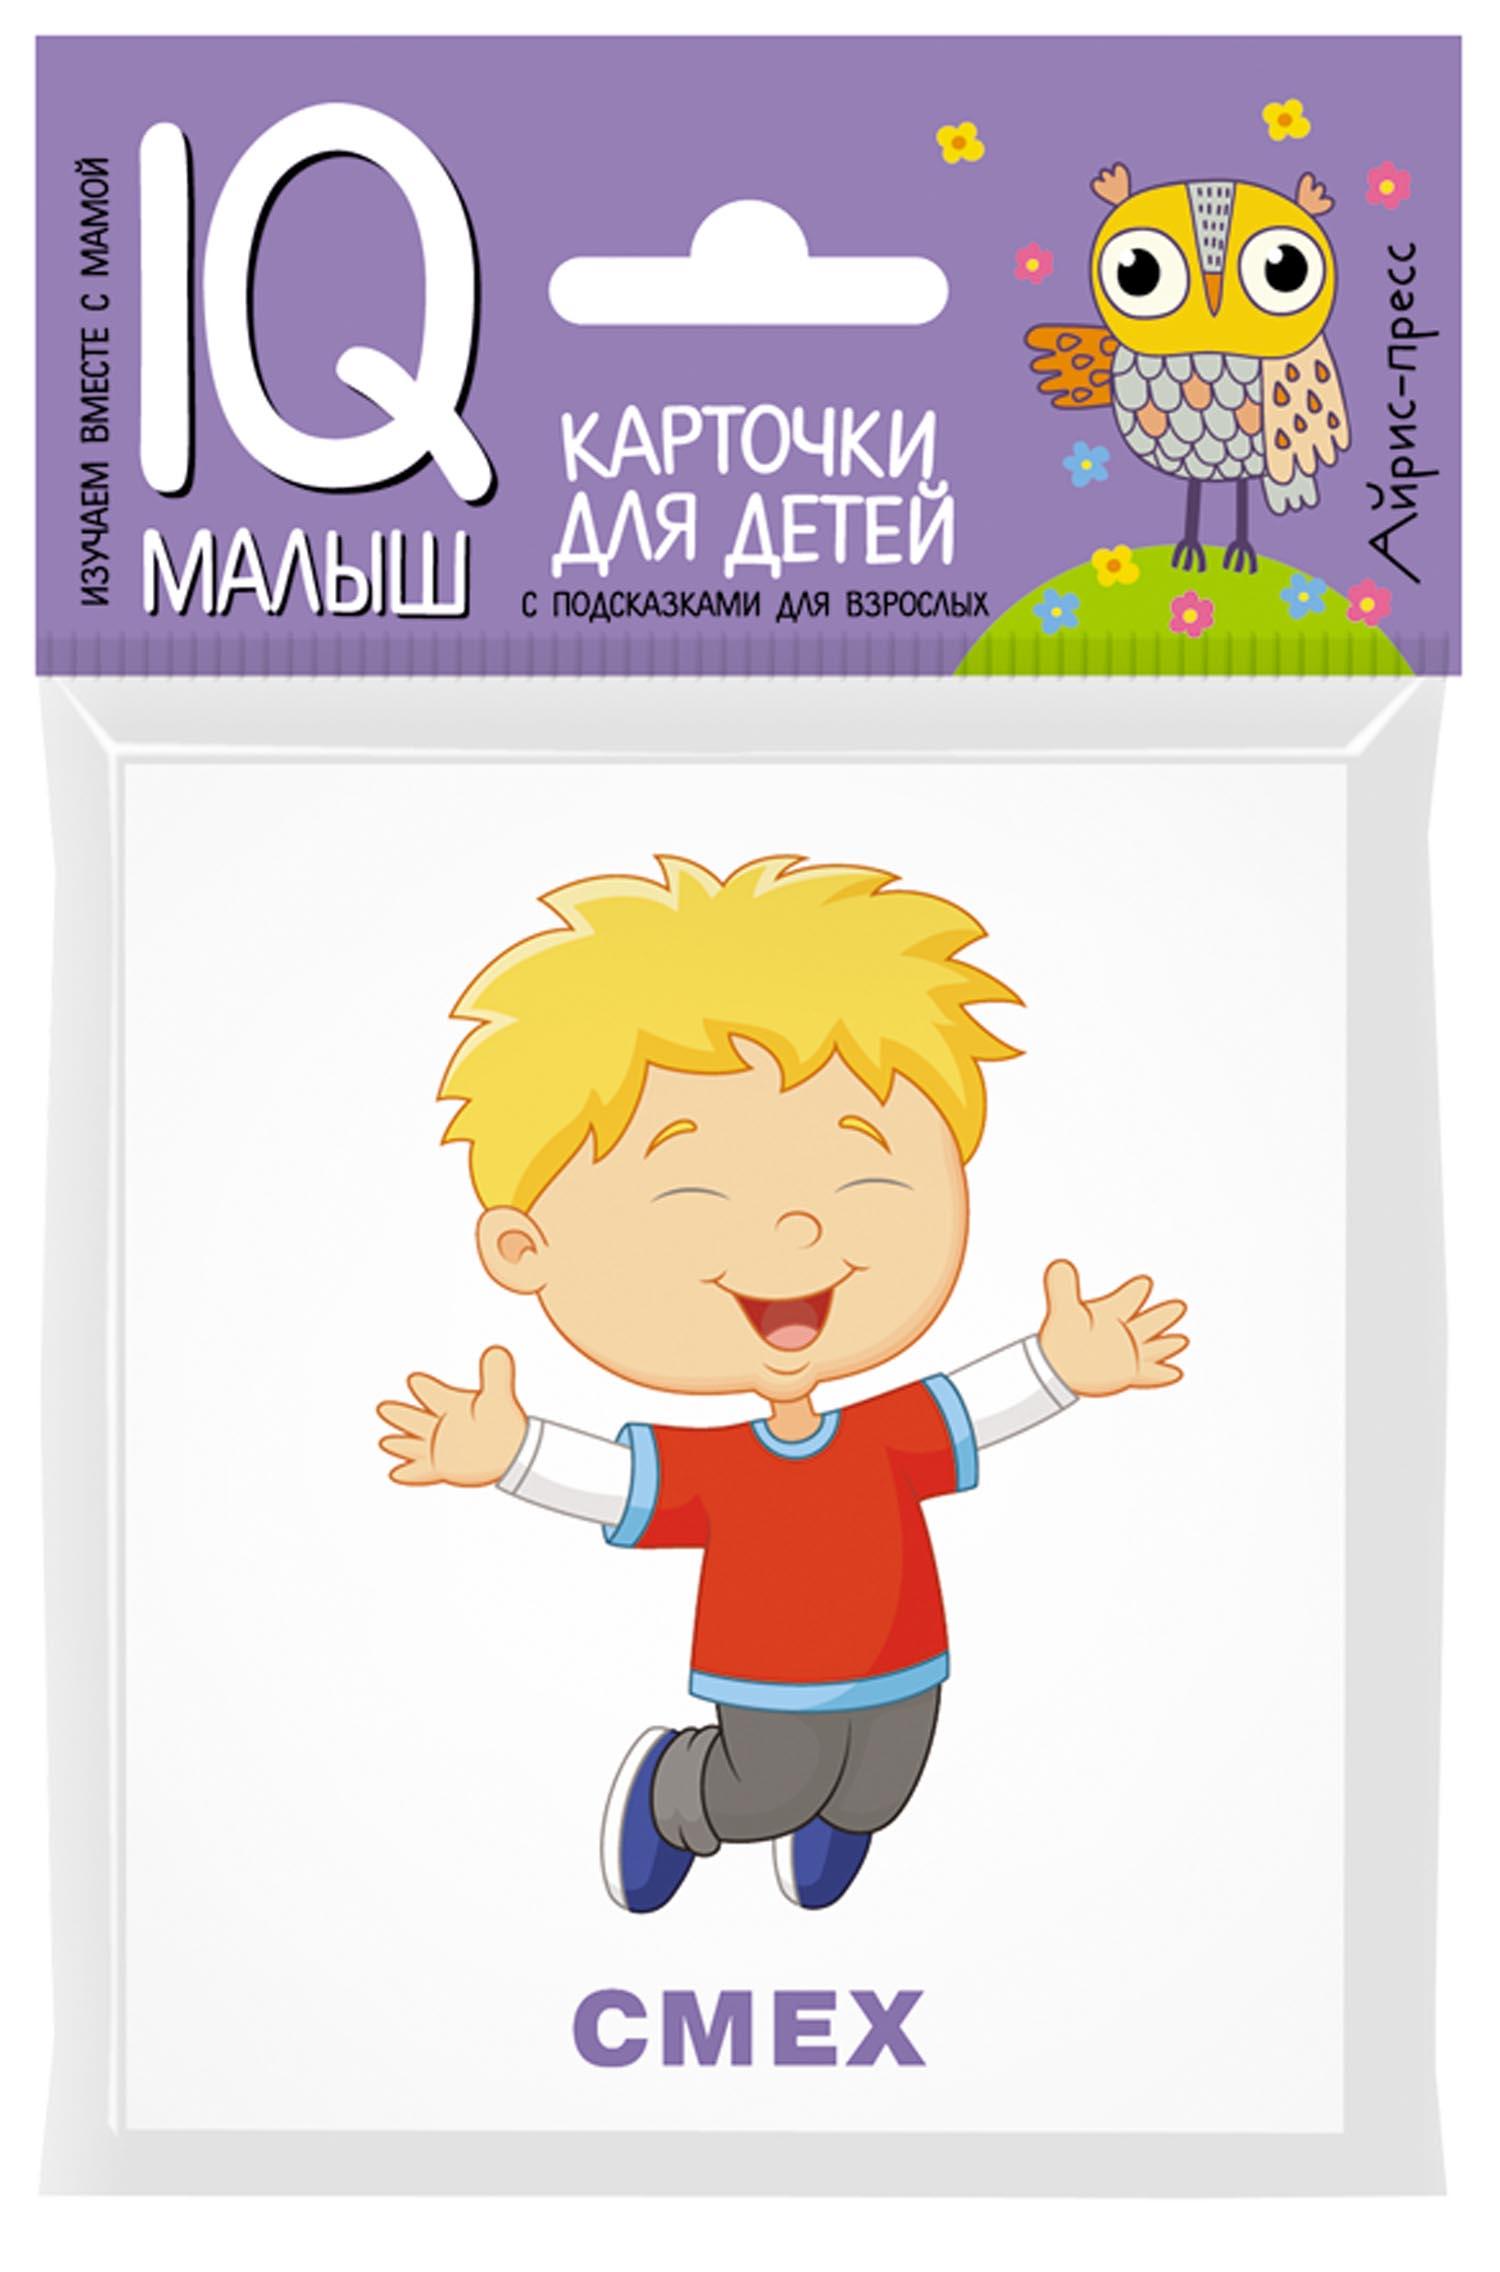 Умный малыш. Эмоции: Карточки для детей с подсказками для взрослых